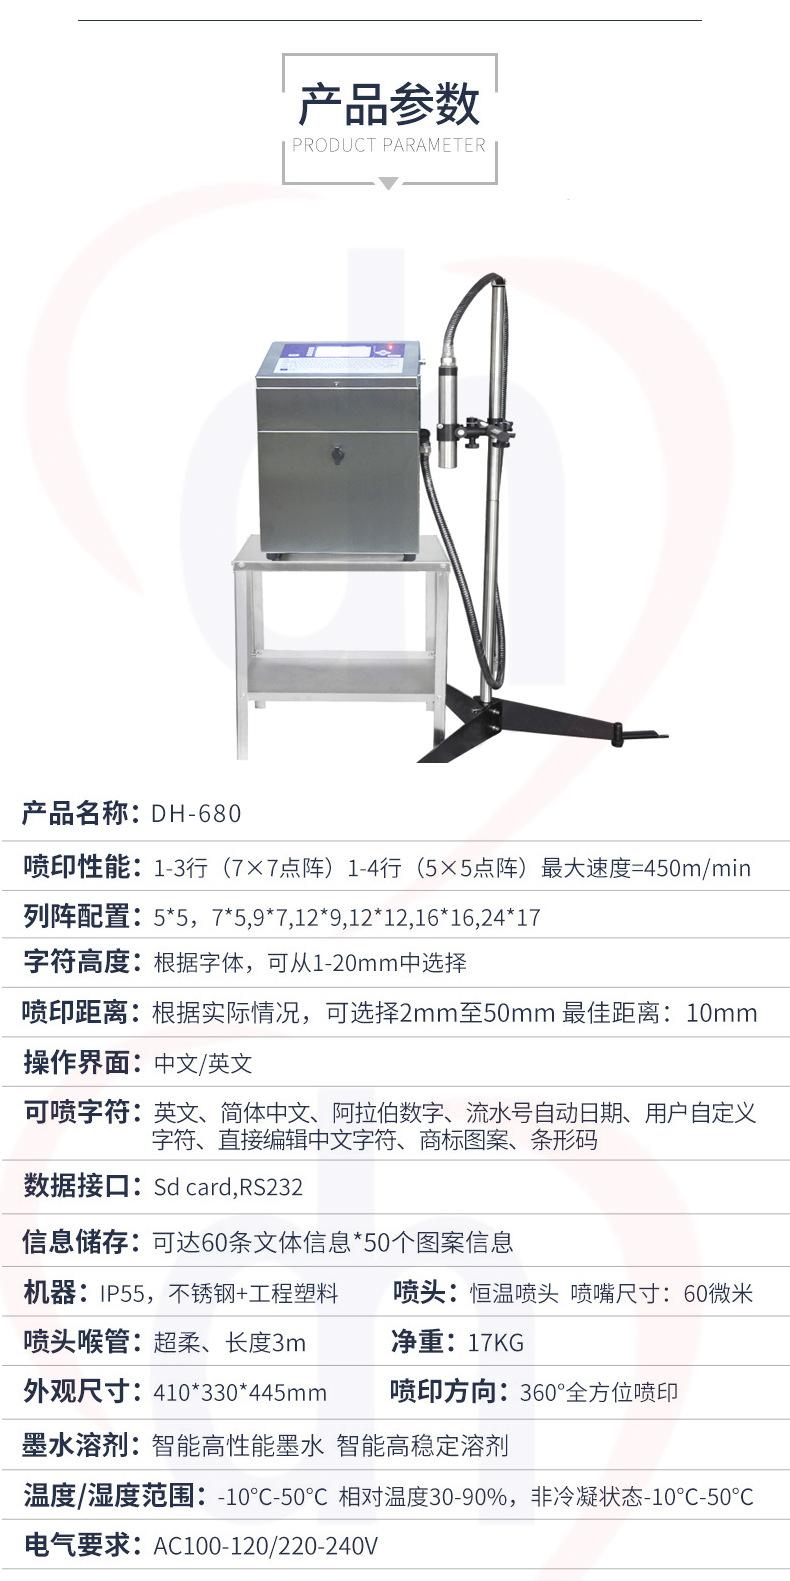 东晖DH680供应河南郑州周口亳州阜阳申瓯喷码机食品包装袋打码机示例图14